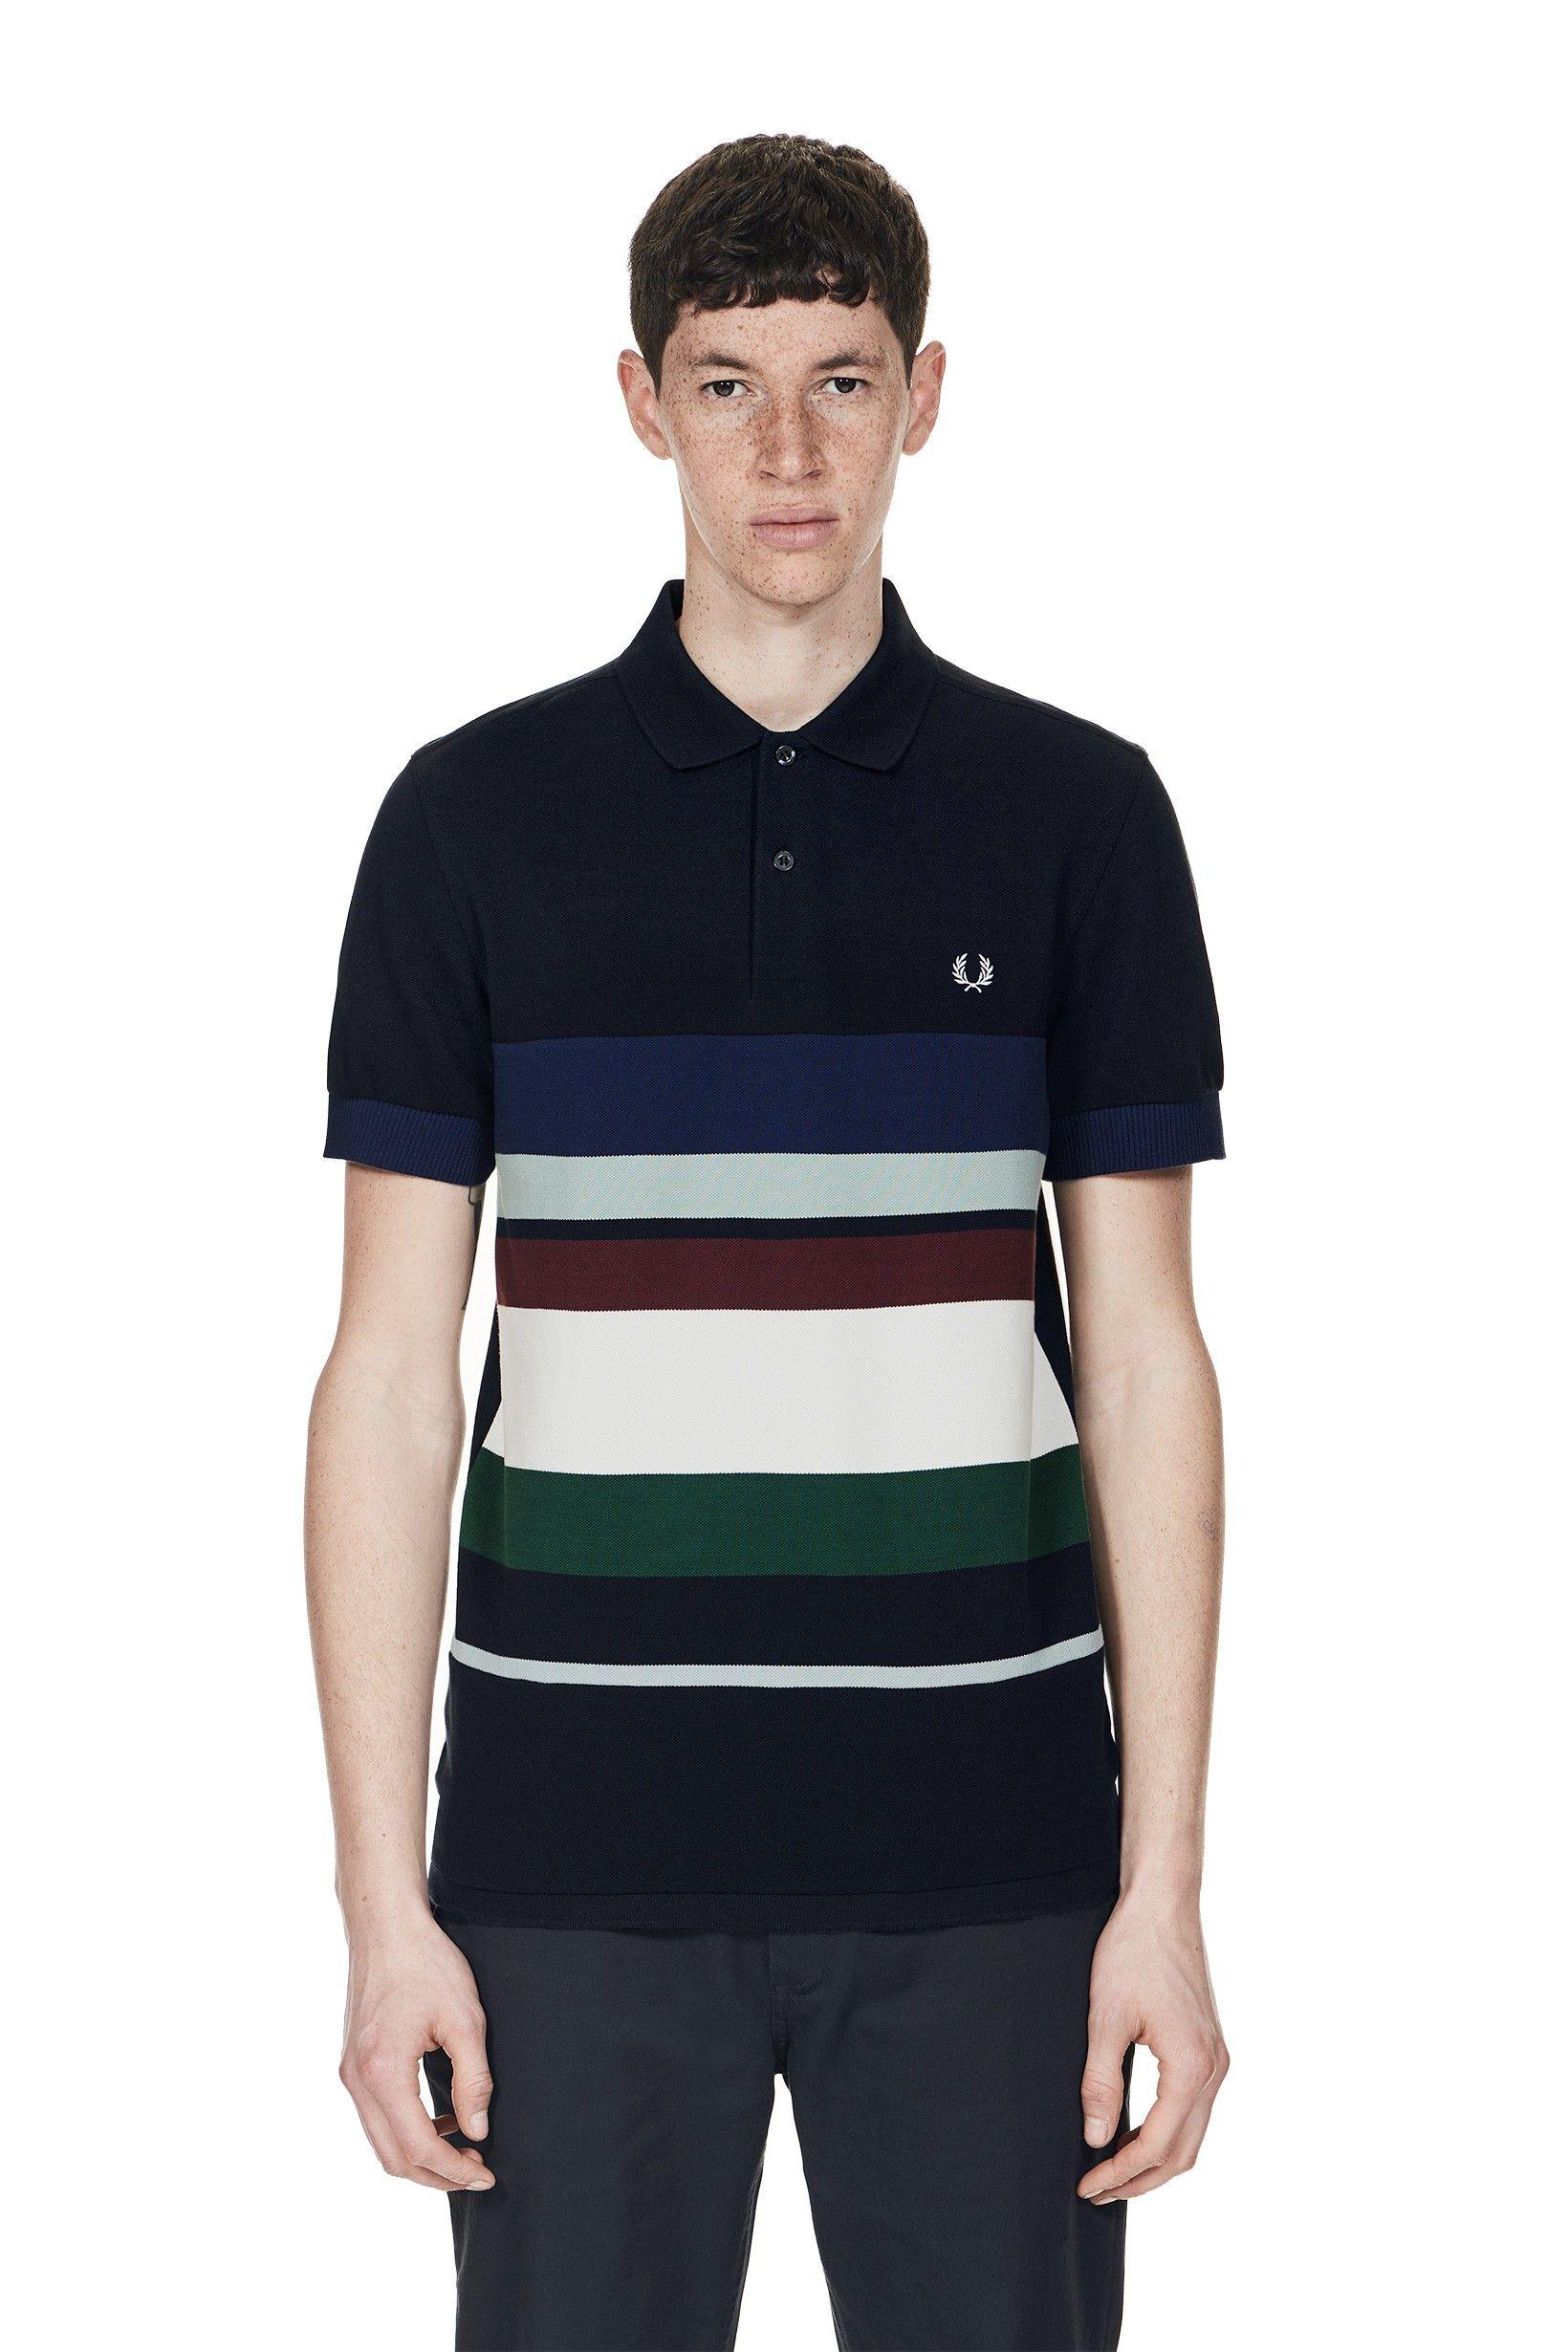 611a671ec0f Debenhams Menswear Polo Shirts   Top Mode Depot